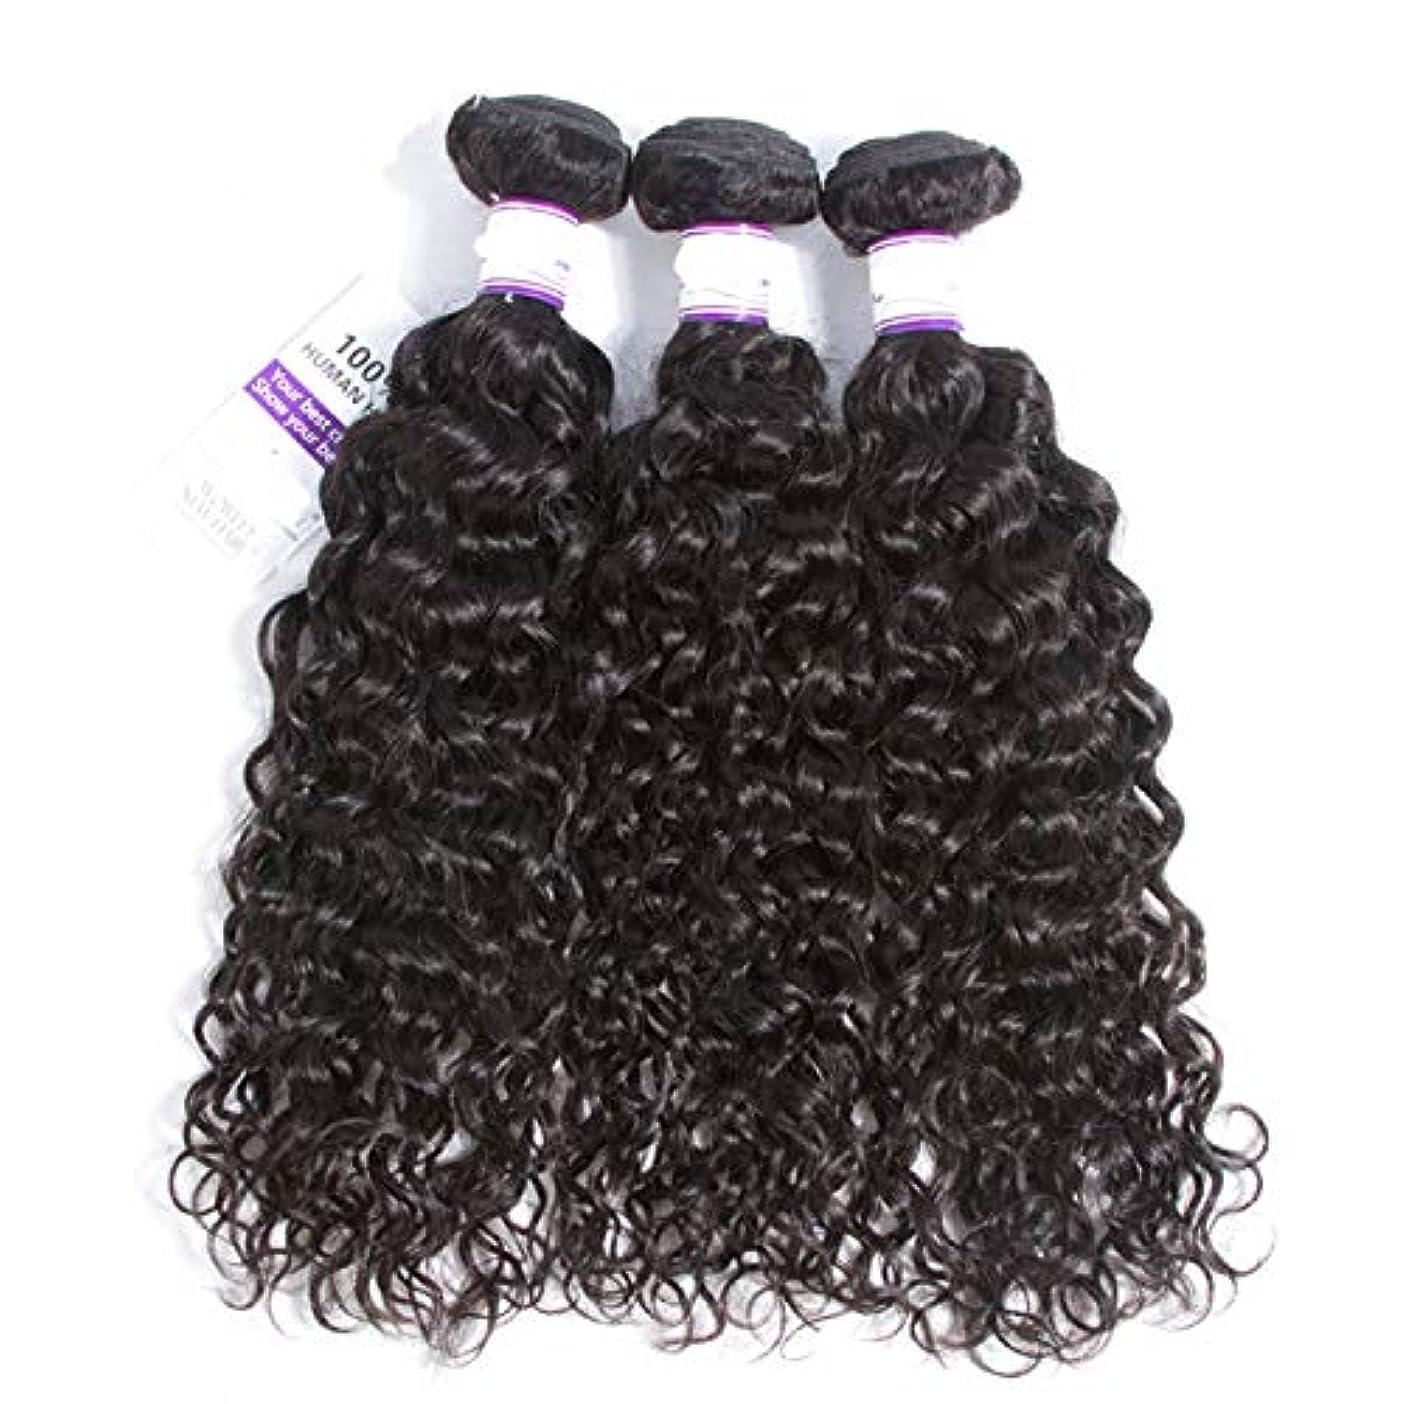 高く突然の大きさかつら インドの水波実体髪3バンドル髪織り100%人間のremy髪横糸8-28インチ体毛延長 (Length : 20 22 24)